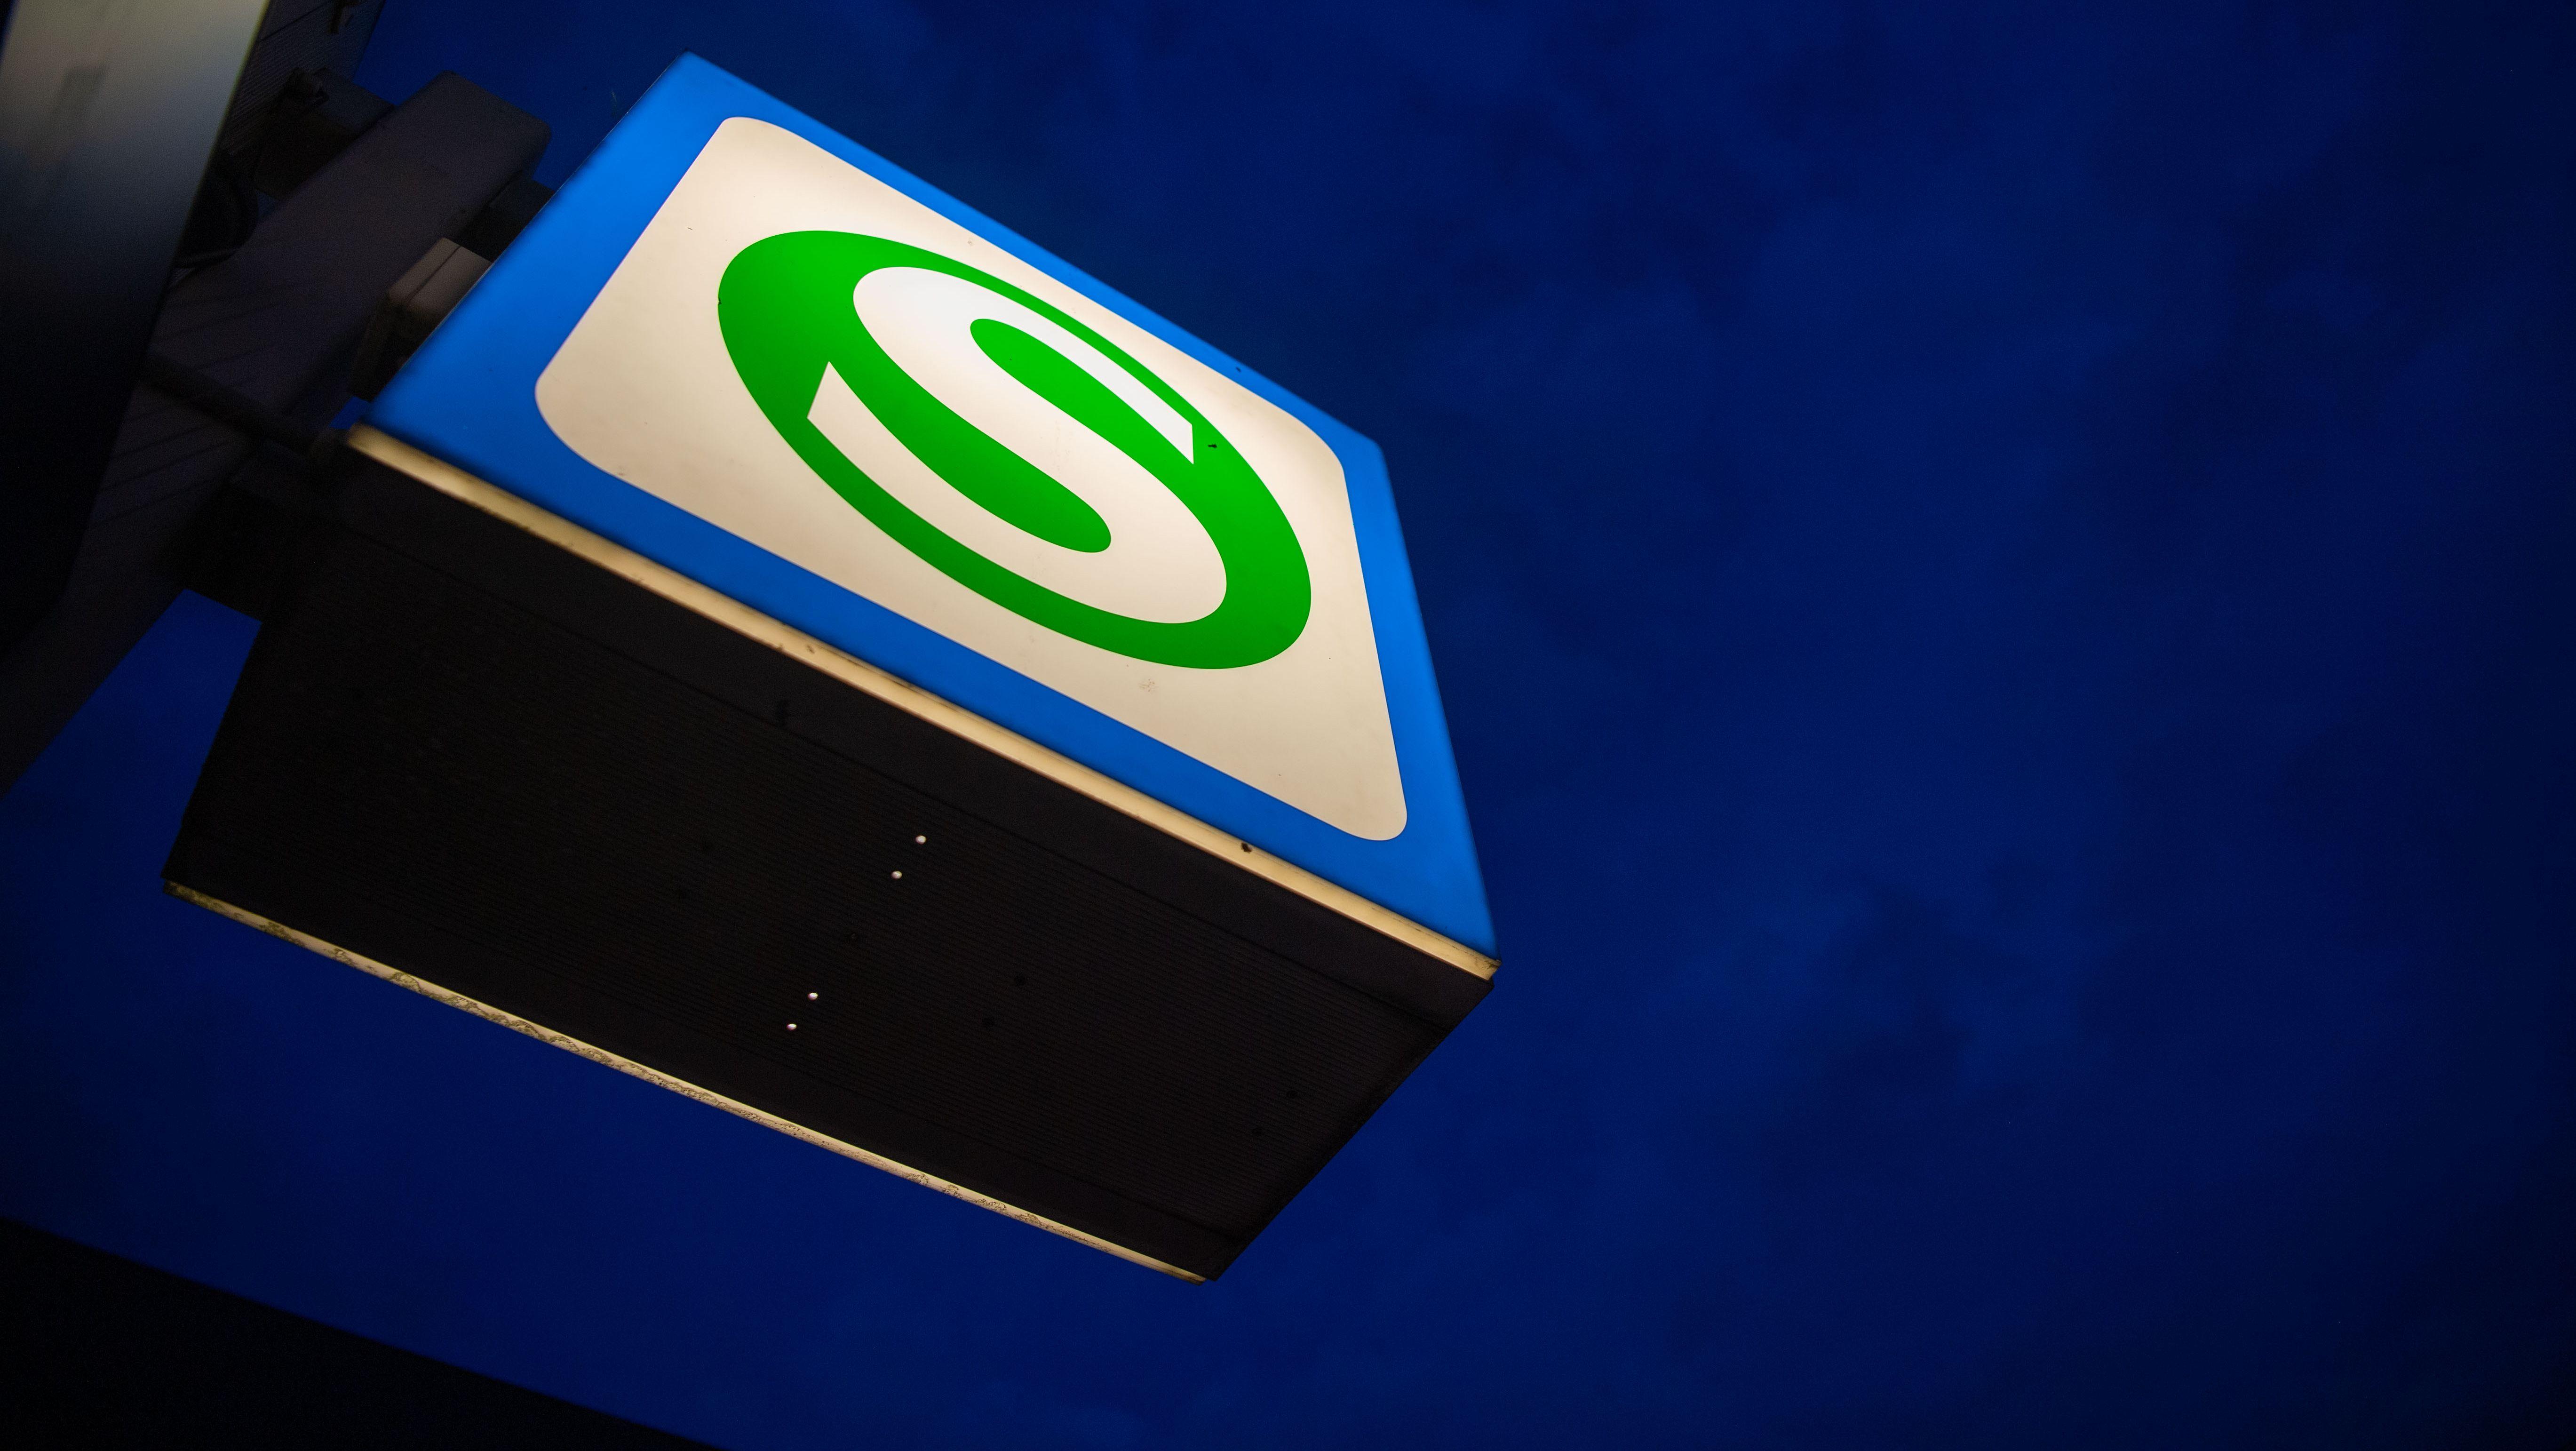 Beleuchtetes S-Bahn-Zeichen der Münchner S-Bahn